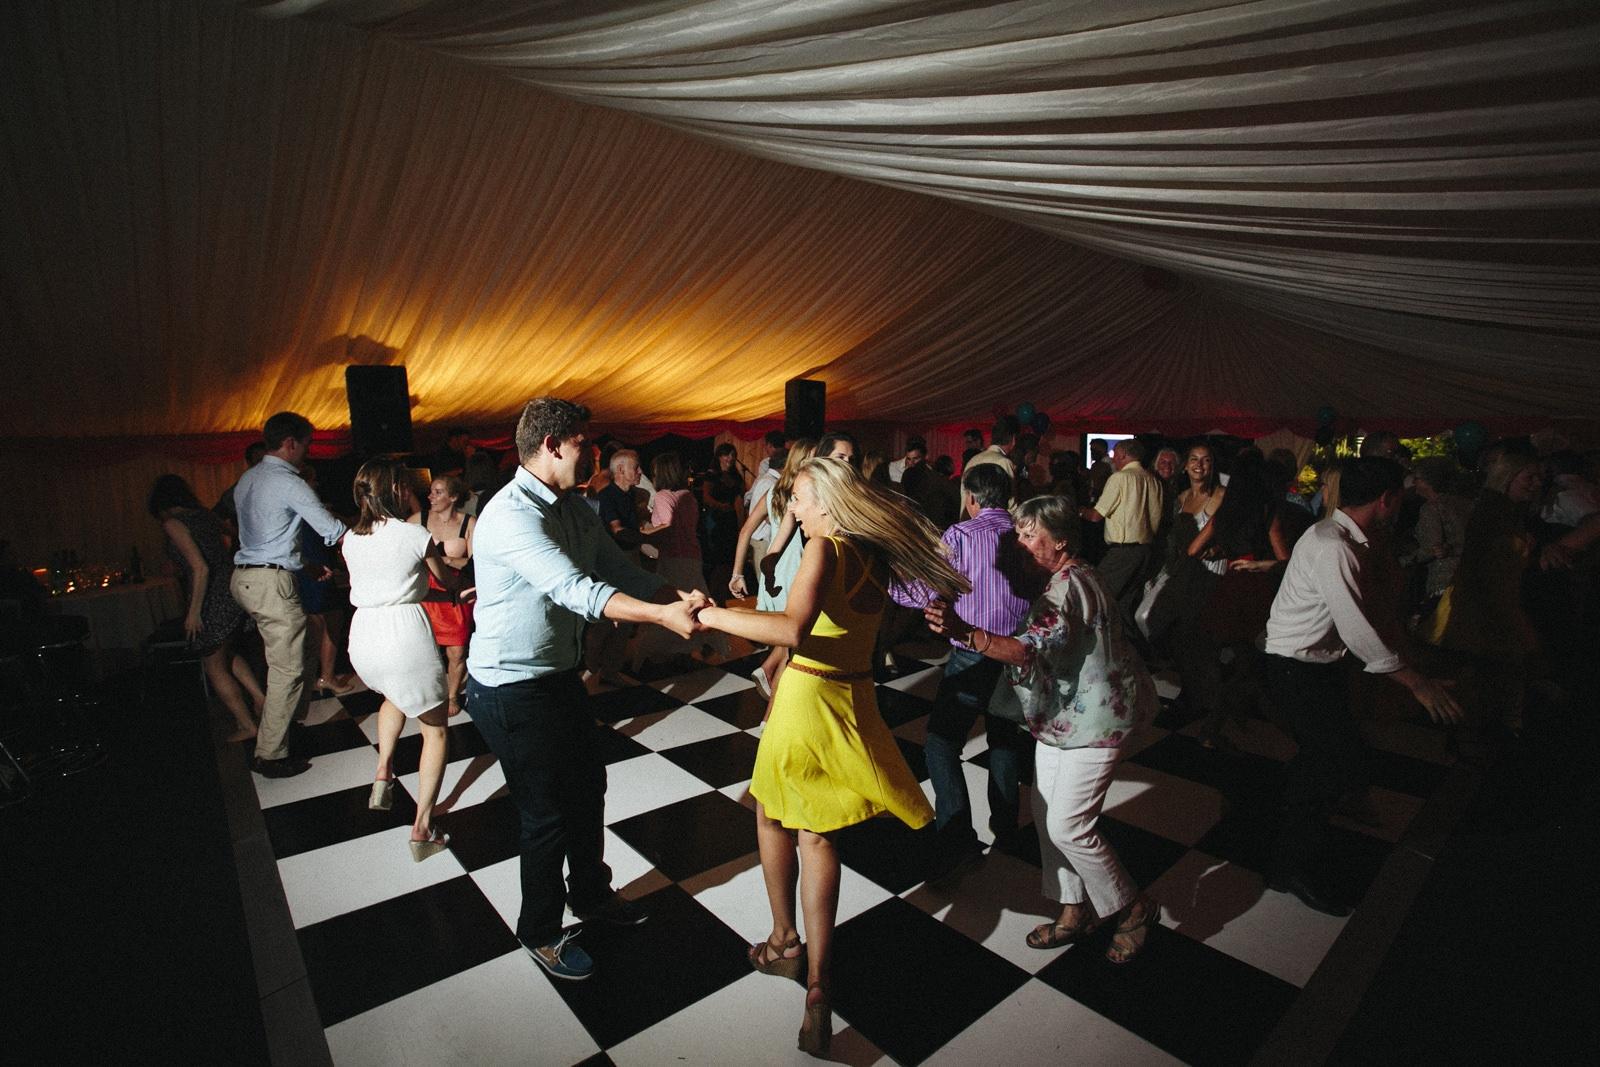 cambridge-event-party-2017-io-039